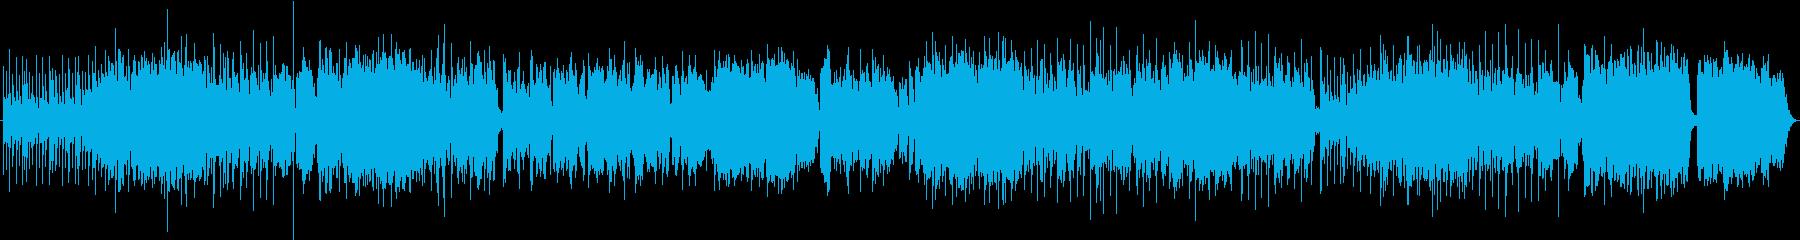 壮大なイメージのフュージョンの再生済みの波形